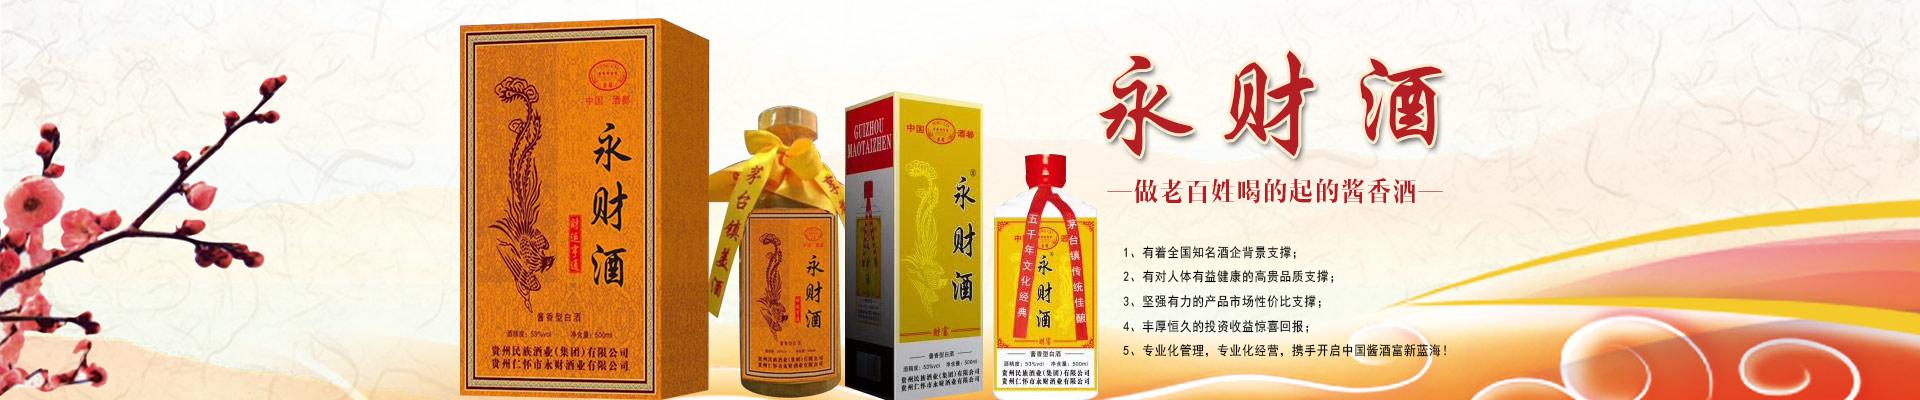 贵州省仁怀市永财酒业有限公司